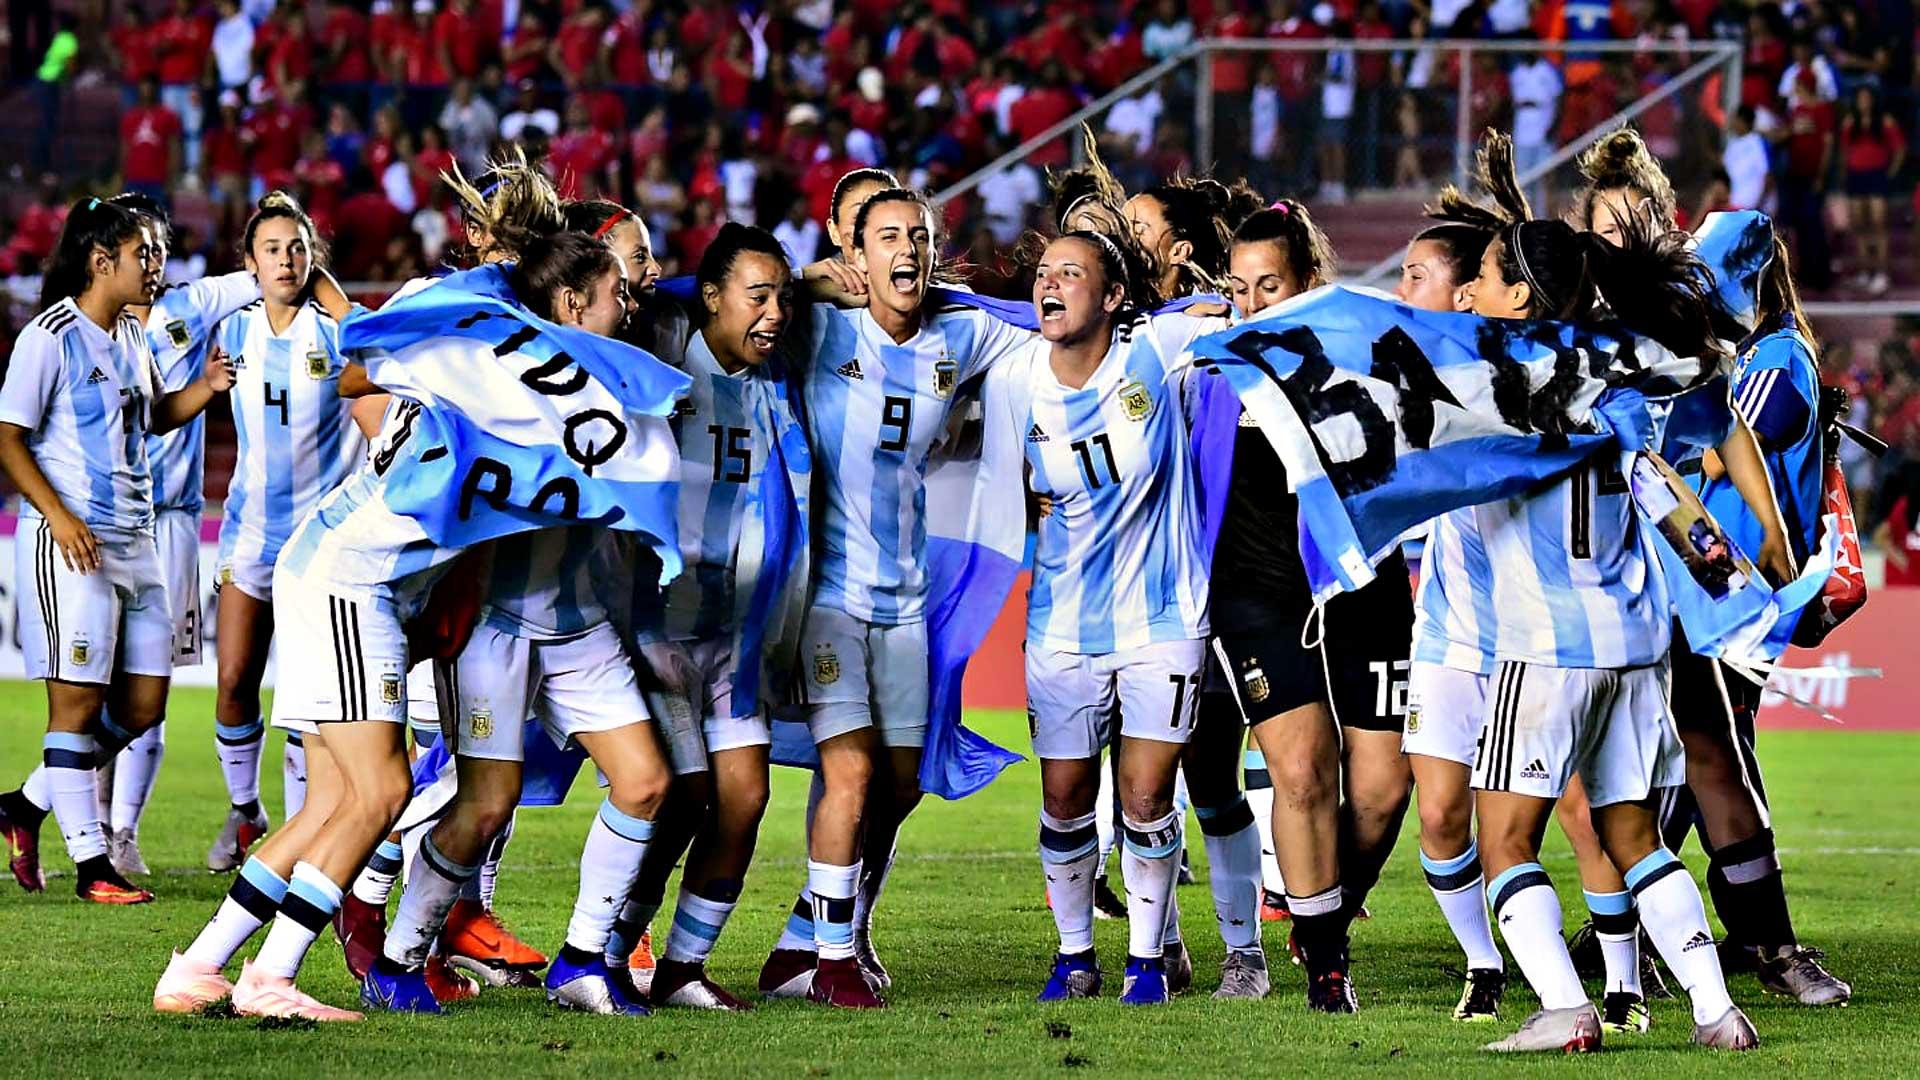 futbol_femenino_01_port